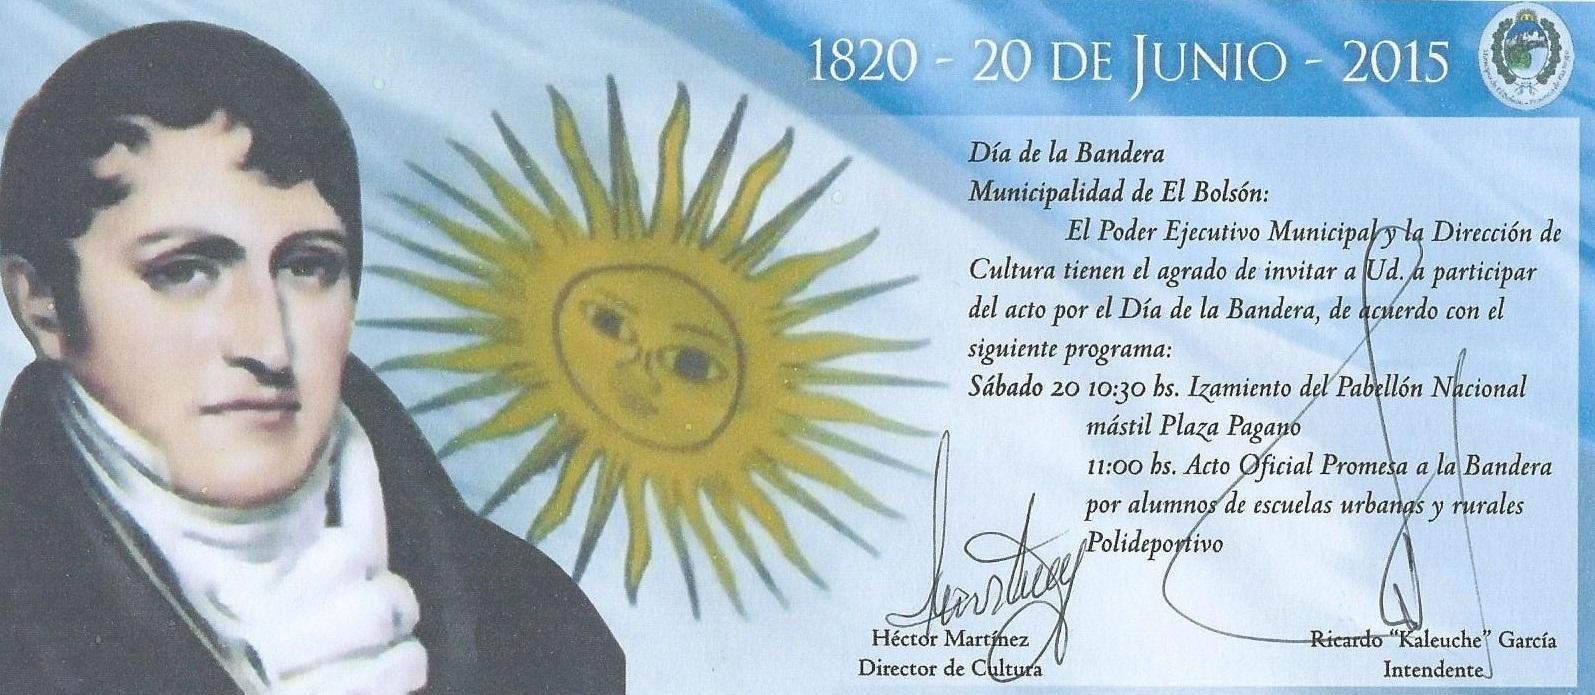 tarjeta de invitación para participar del acto del día de la Bandera